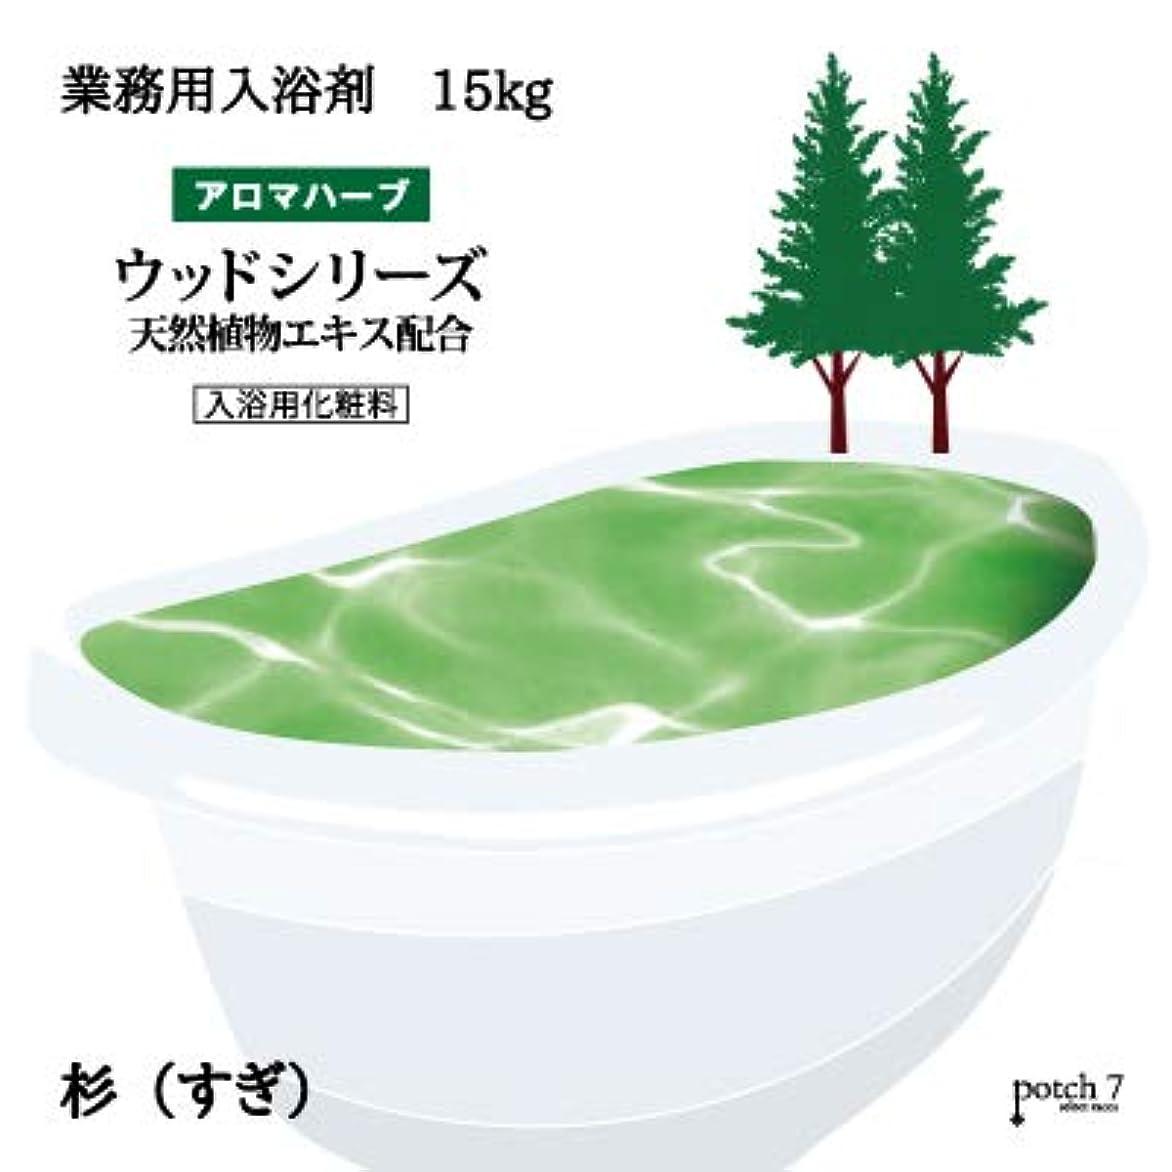 リゾート浮浪者ラジカル業務用入浴剤「杉」15Kg(7.5Kgx2袋入)GYM-SG